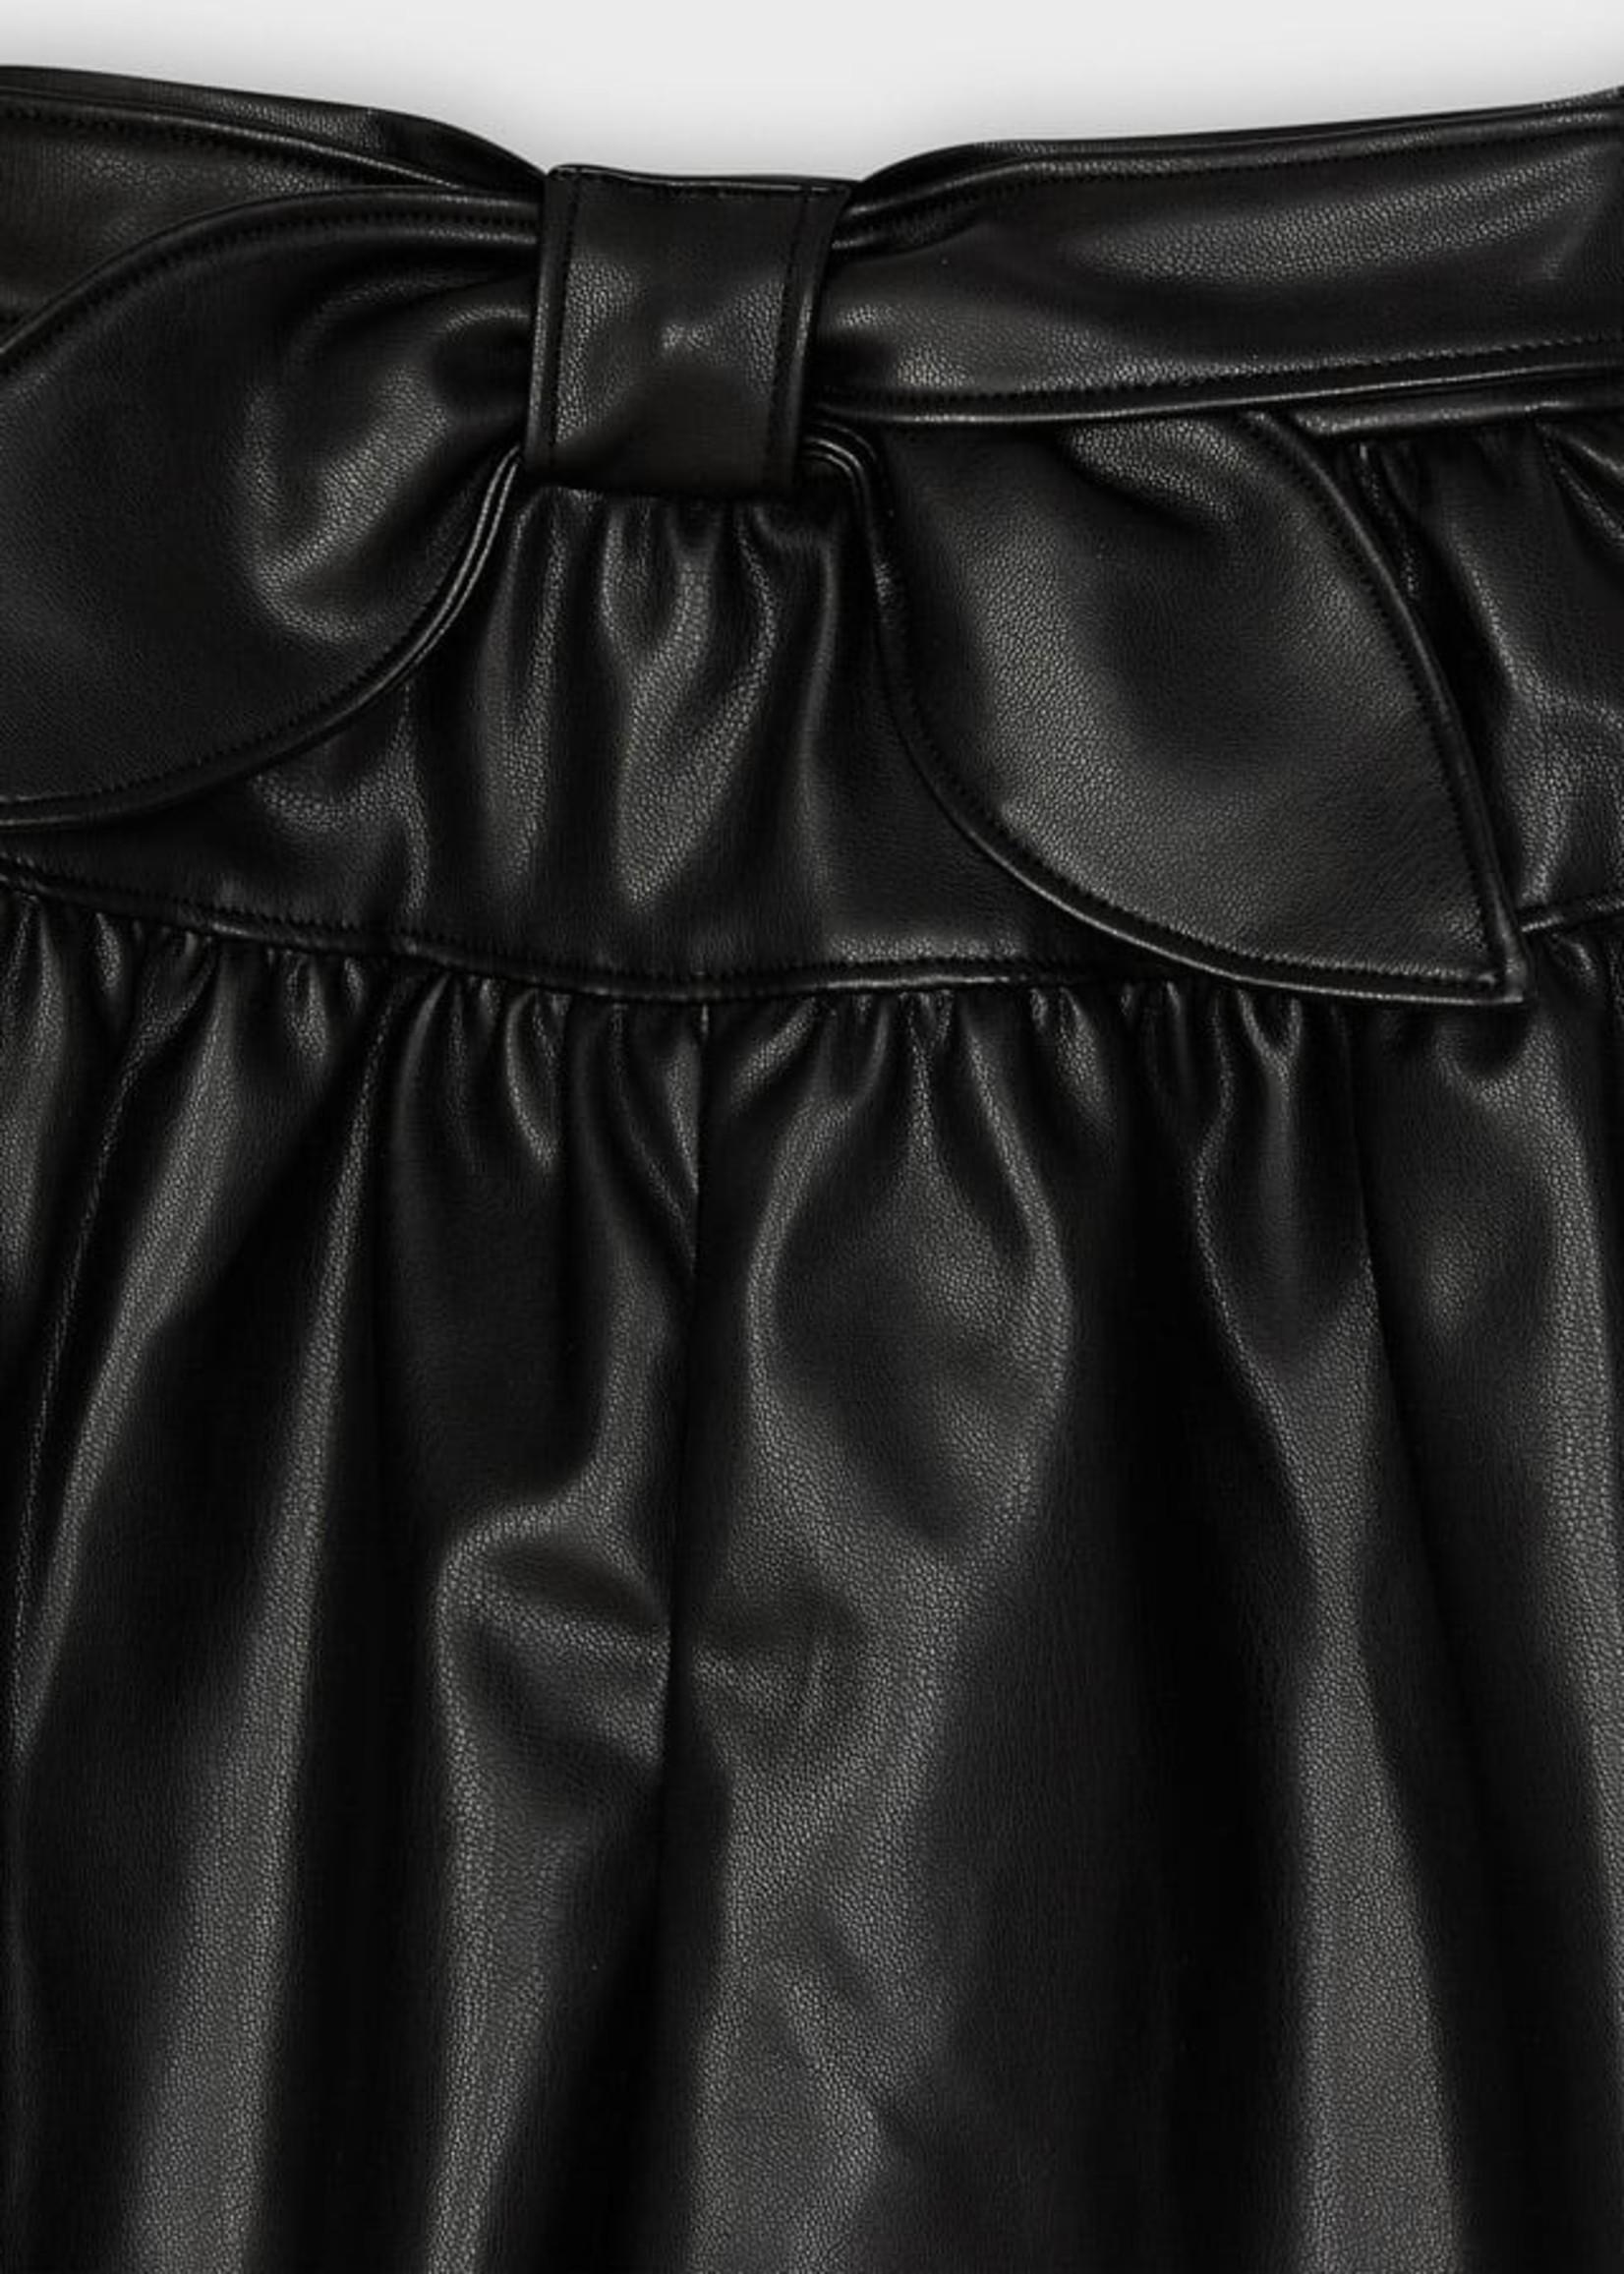 Mayoral Mayoral leather skort